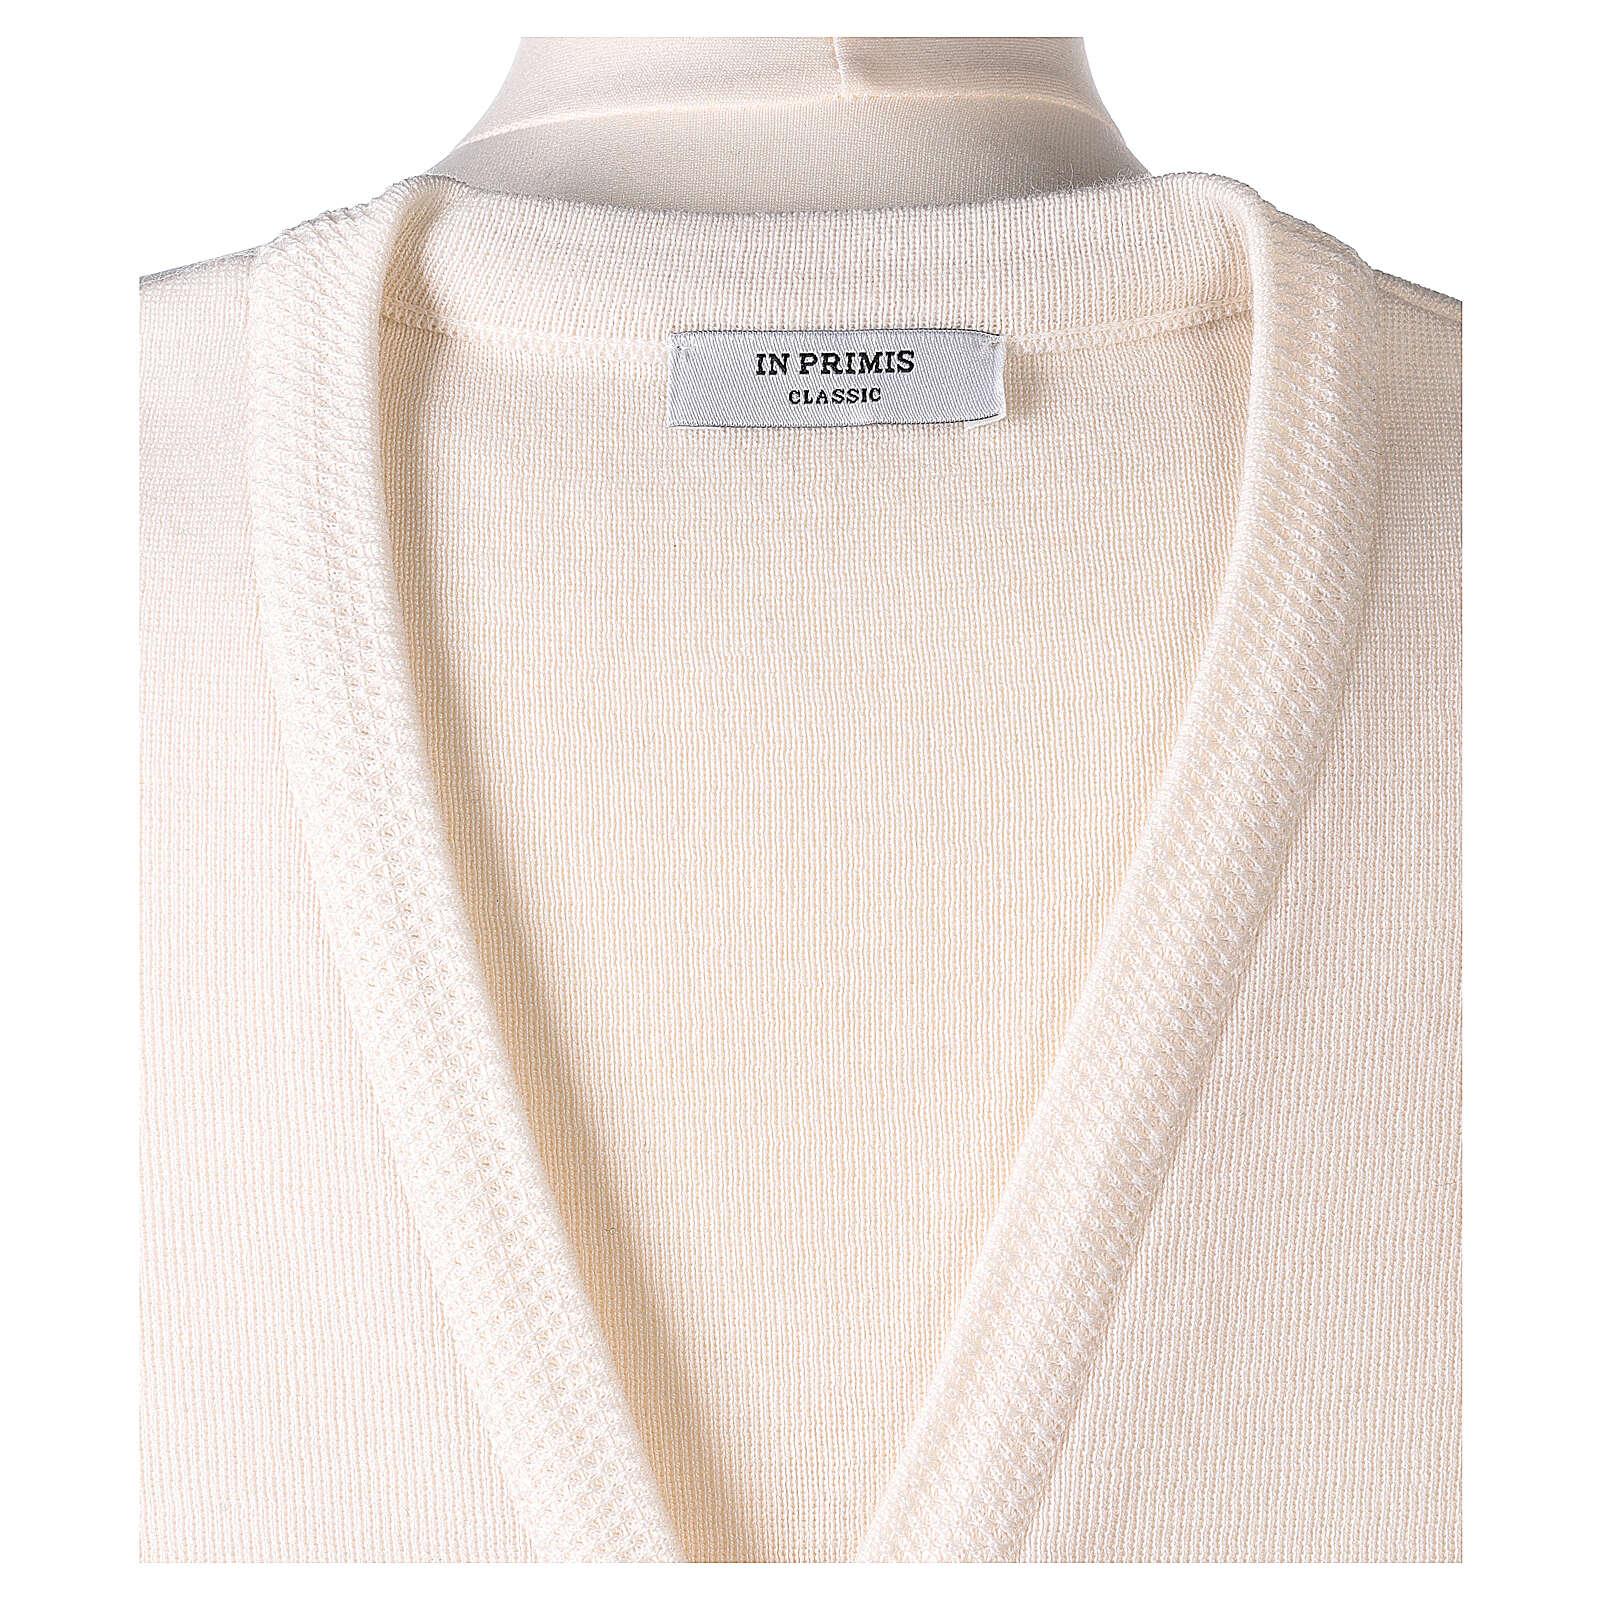 Gilet bianco suora con tasche collo a V TAGLIE CONF. 50% acr. 50% merino In Primis 4